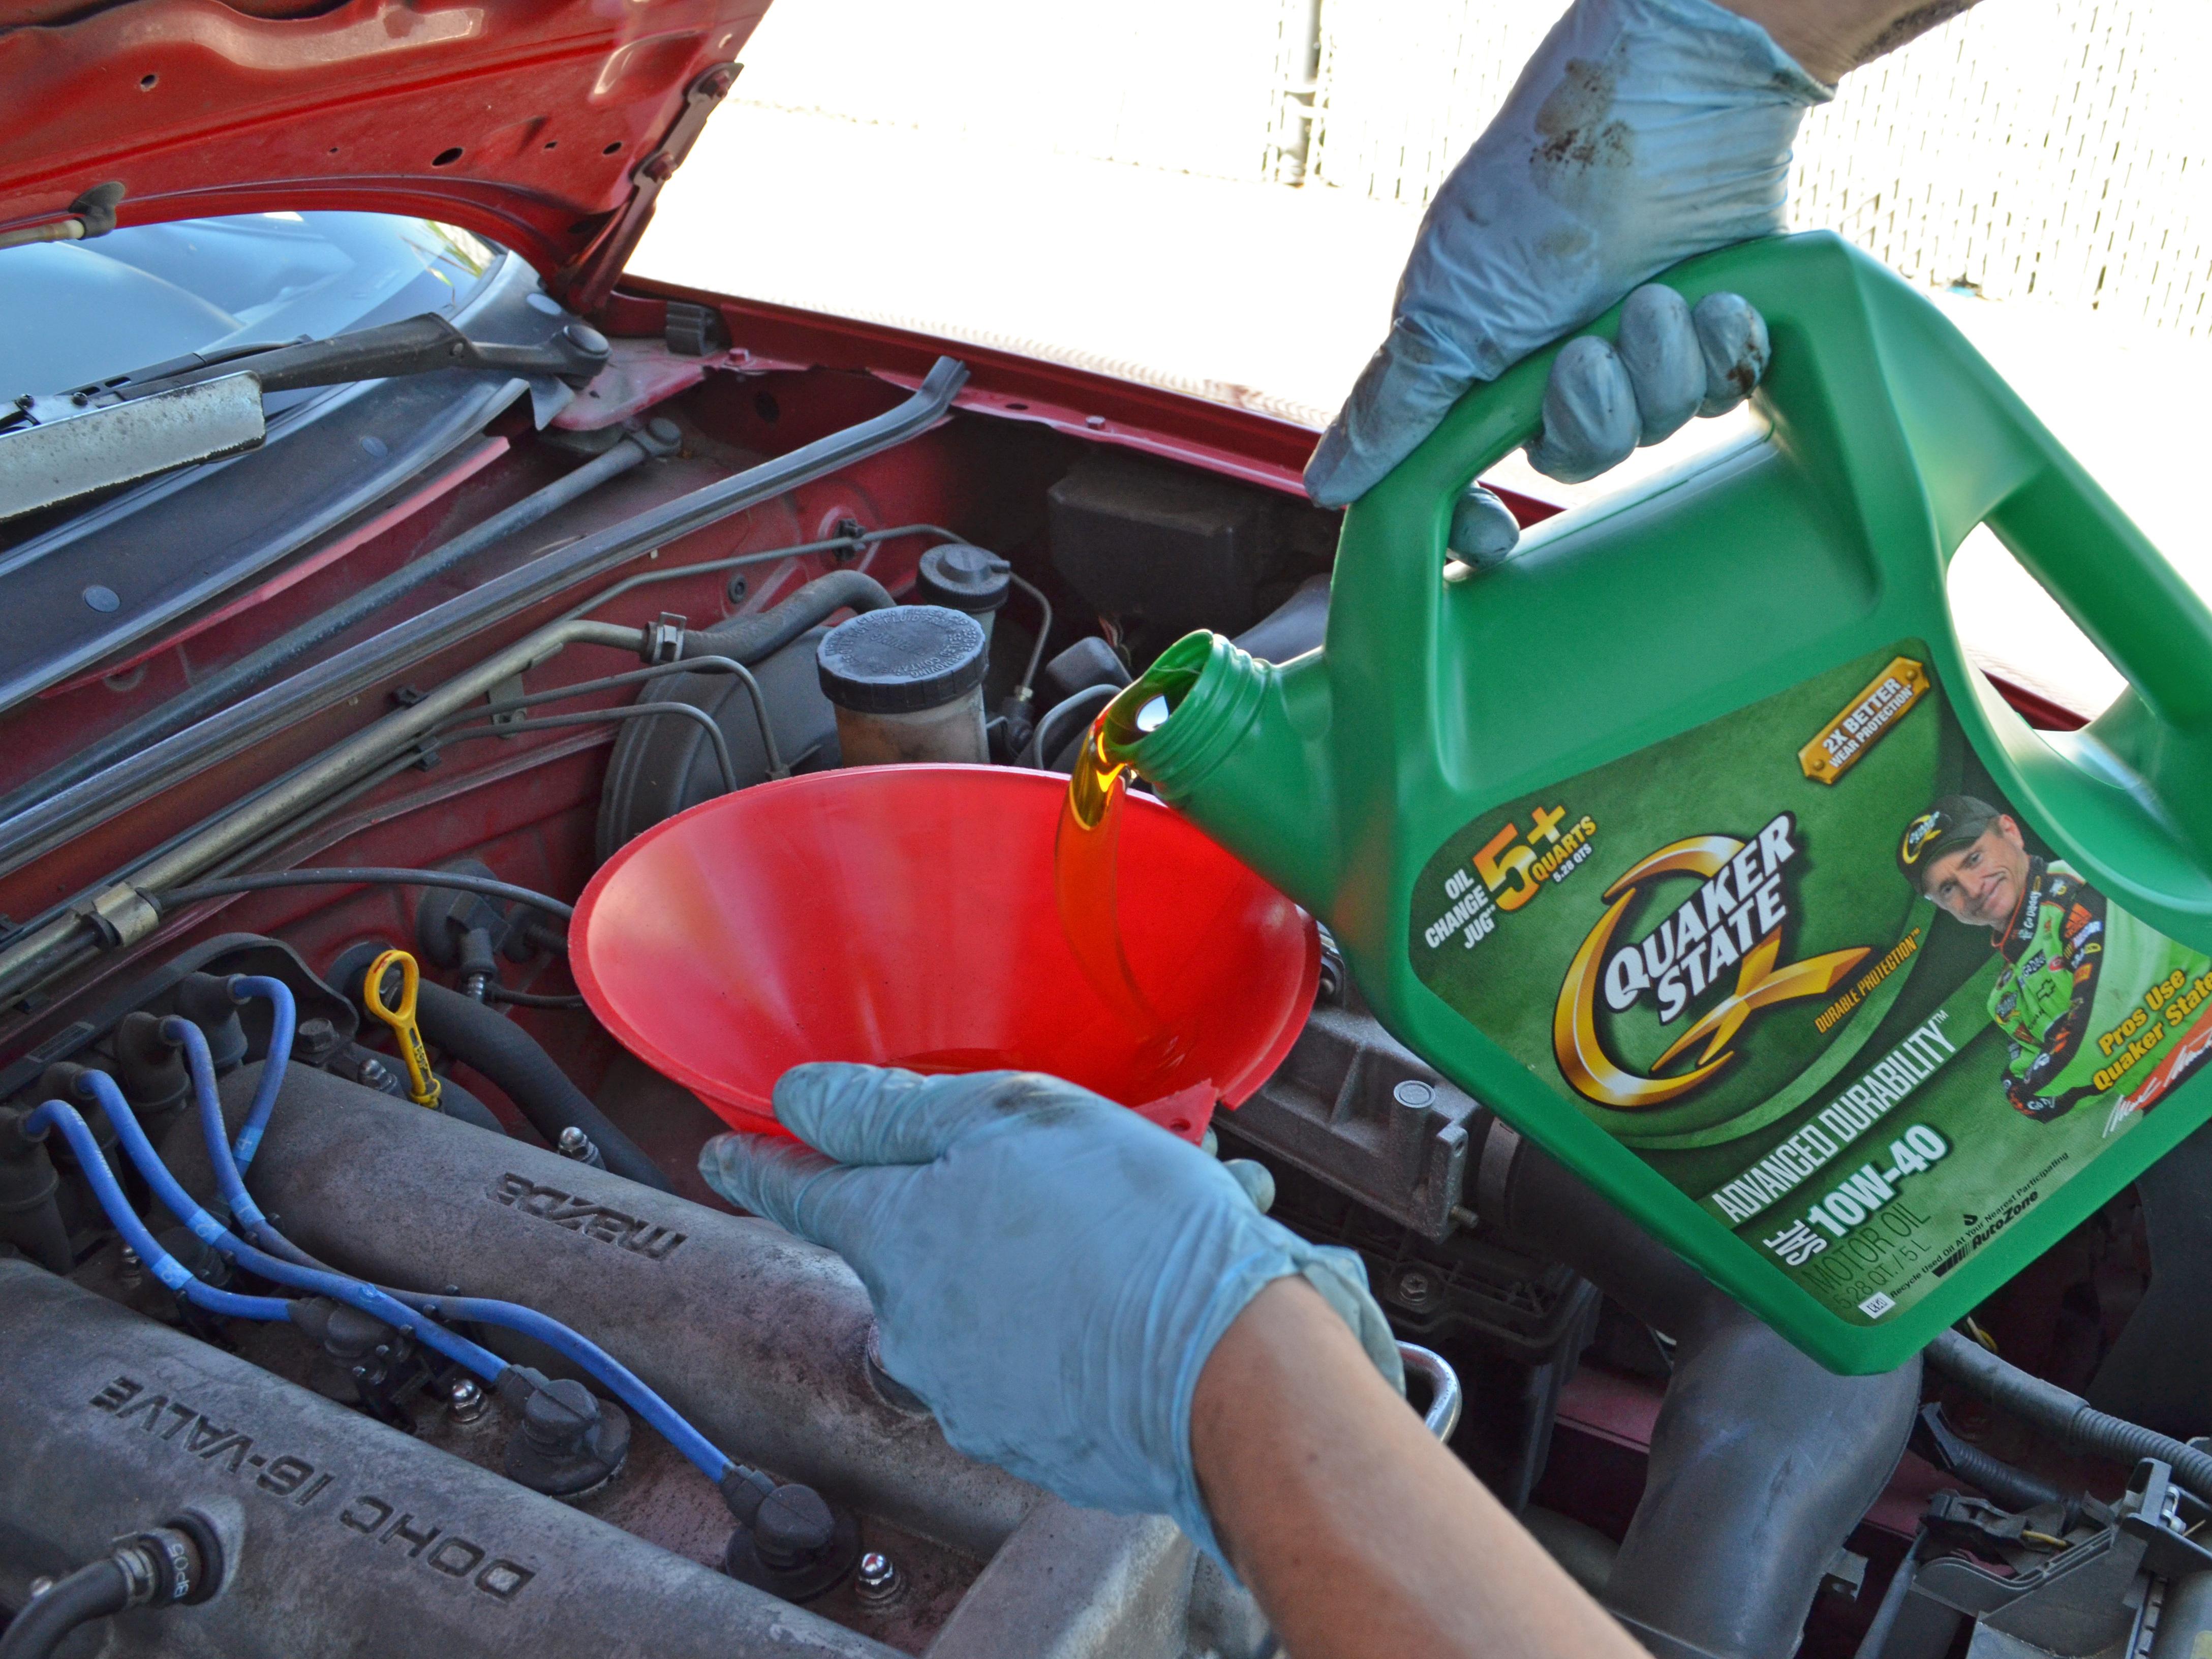 1990 1997 Mazda Miata Oil Change 1991 1992 1993 1994 1995 1988 Ford 2 3l Engine Diagram 1996 Ifixit Repair Guide